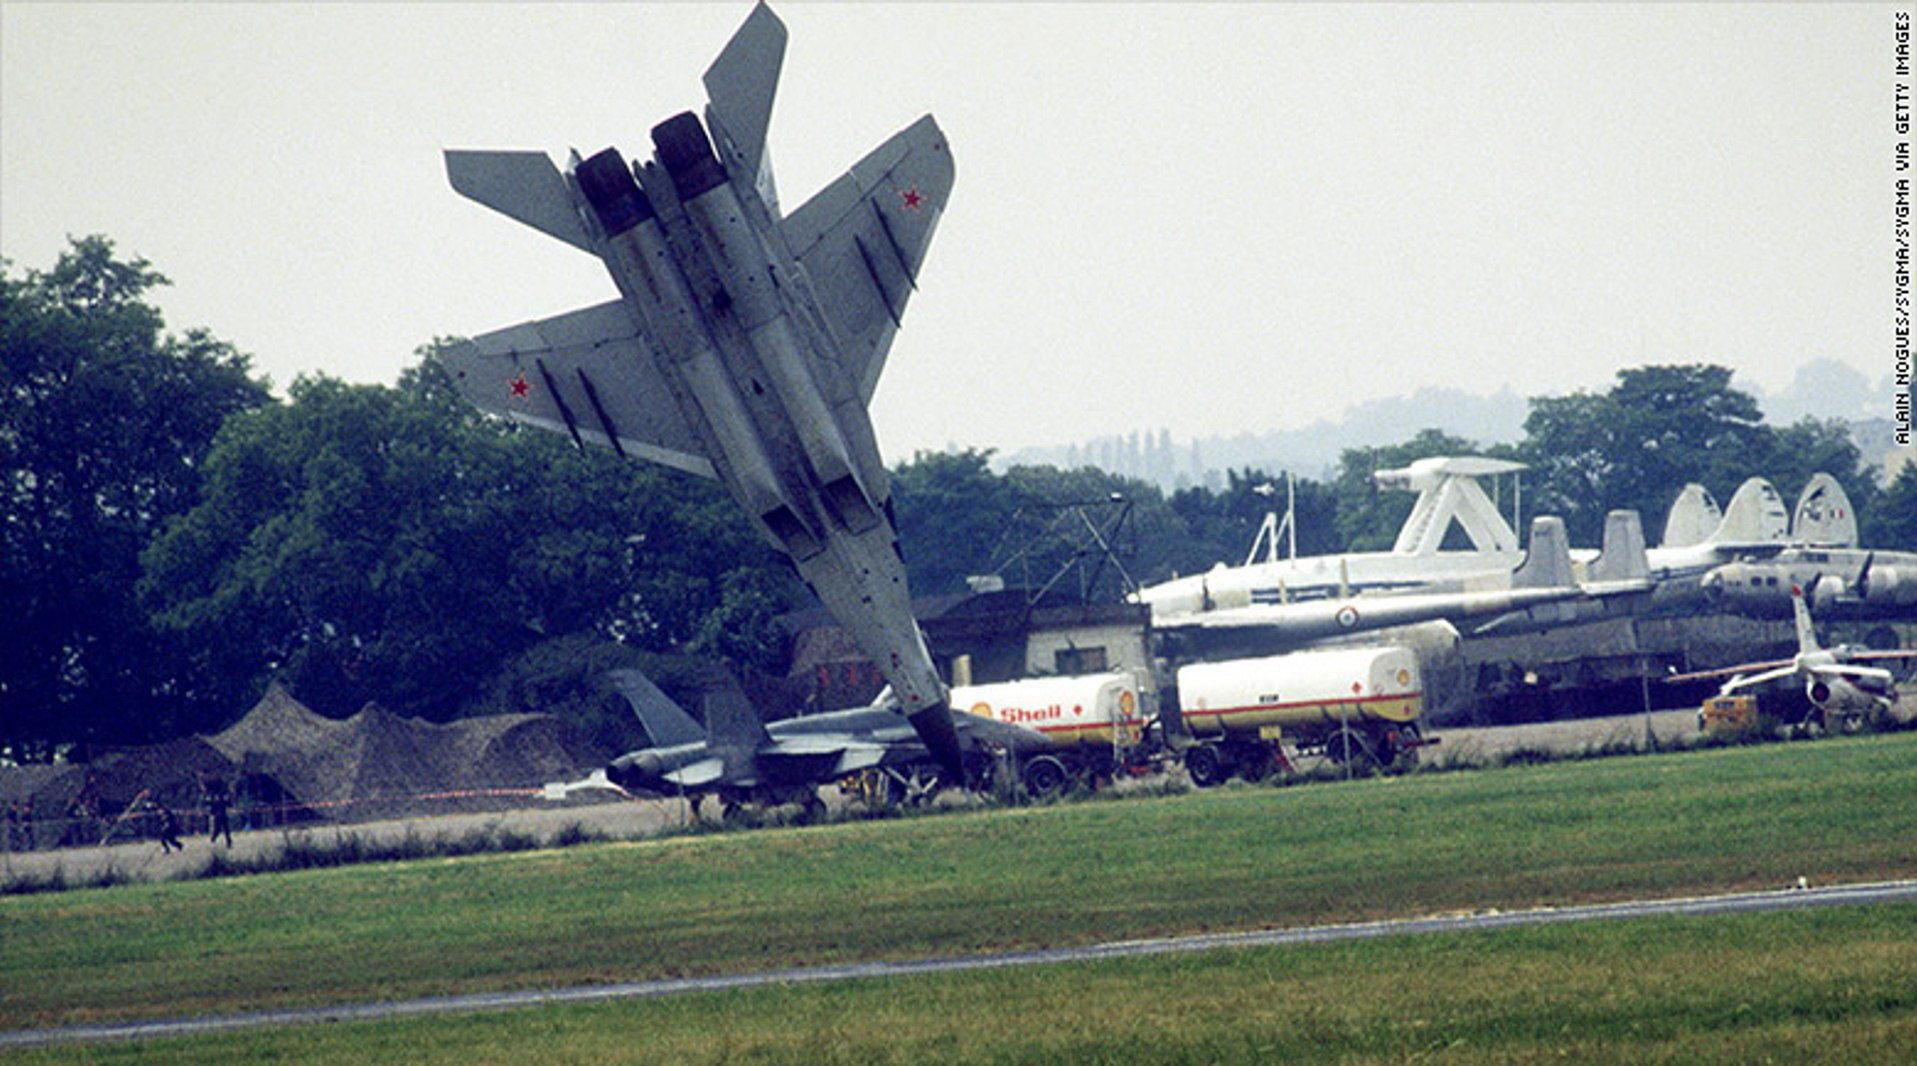 1989巴黎航展科沃丘尔米格-29吸鸟后千钧一发的弹射